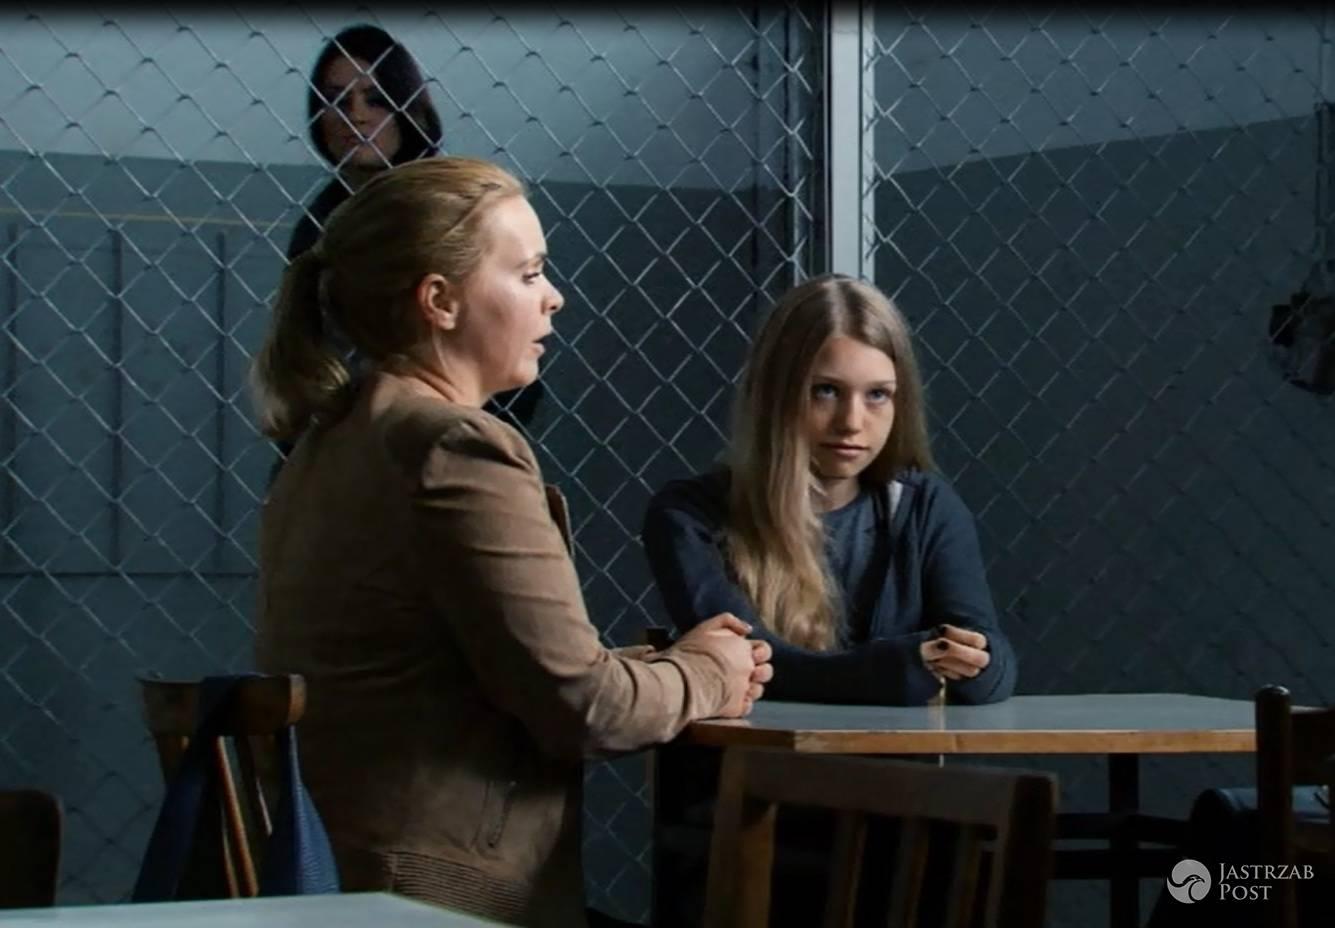 Przyjaciółki 6 odc 10, Anka (Magdalena Stużyńska), Julka (Nicole Bogdanowicz) fot: Polsat materiały prasowe